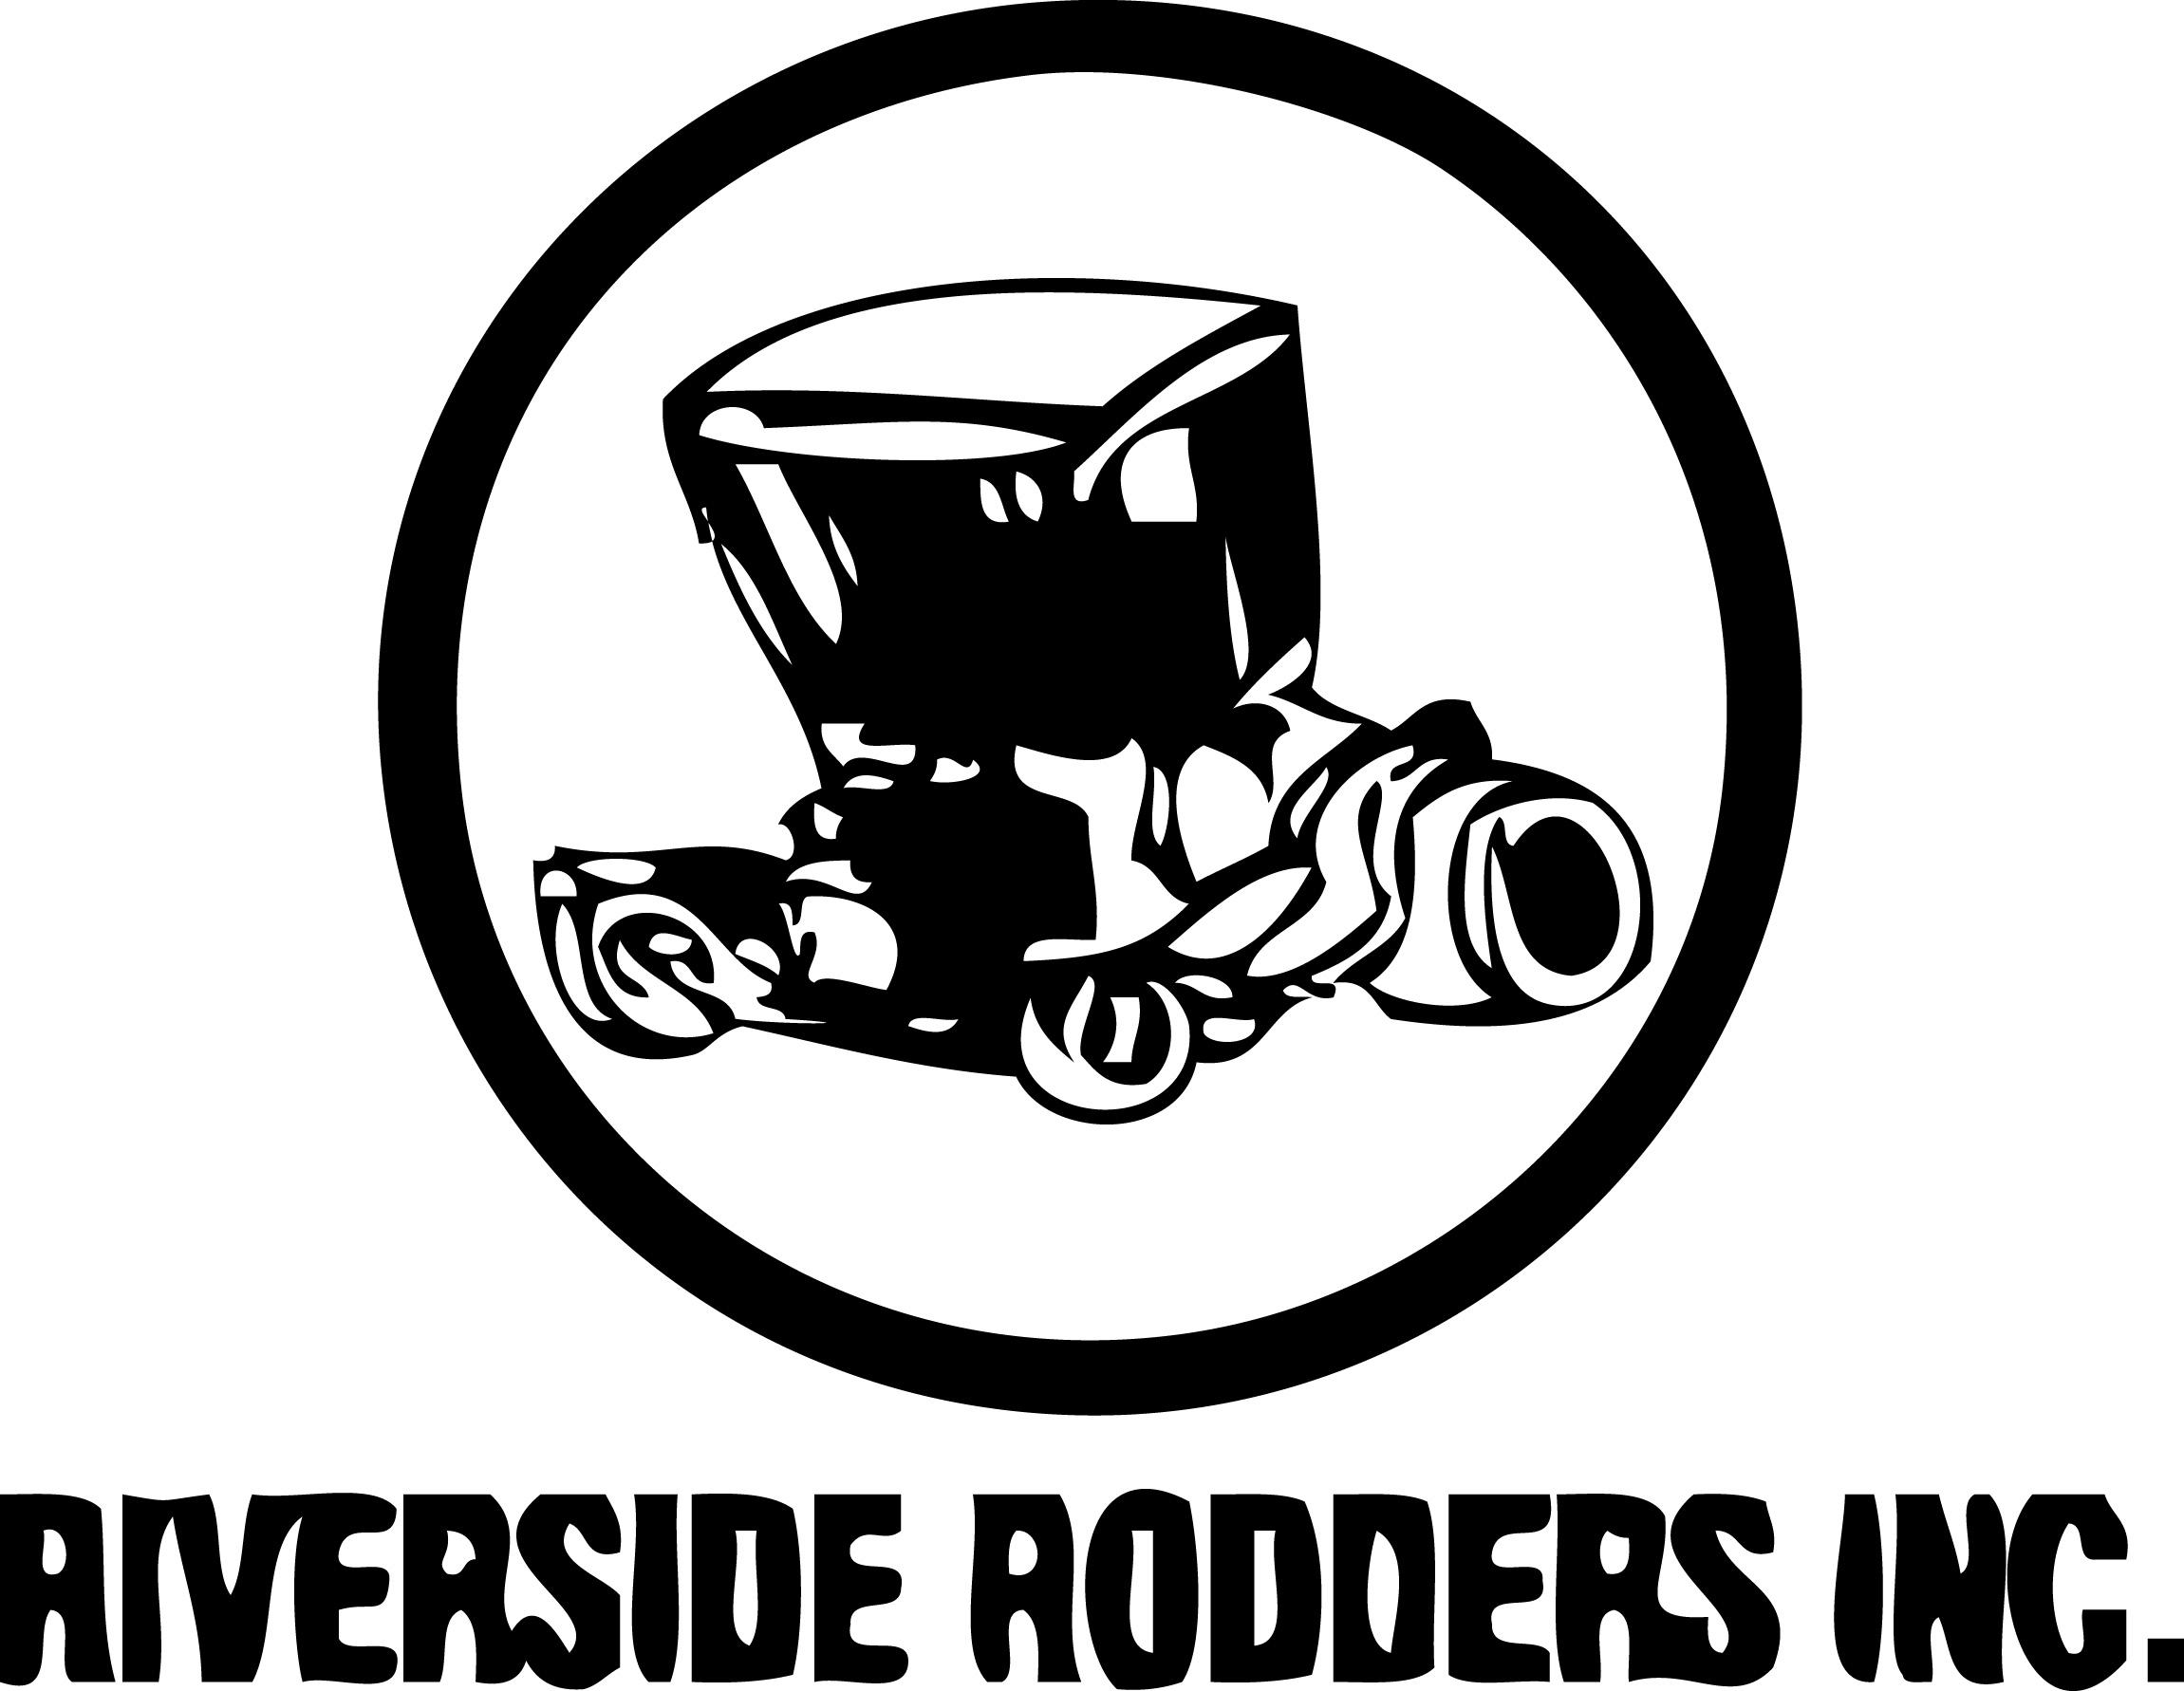 Riverside Rodders Inc